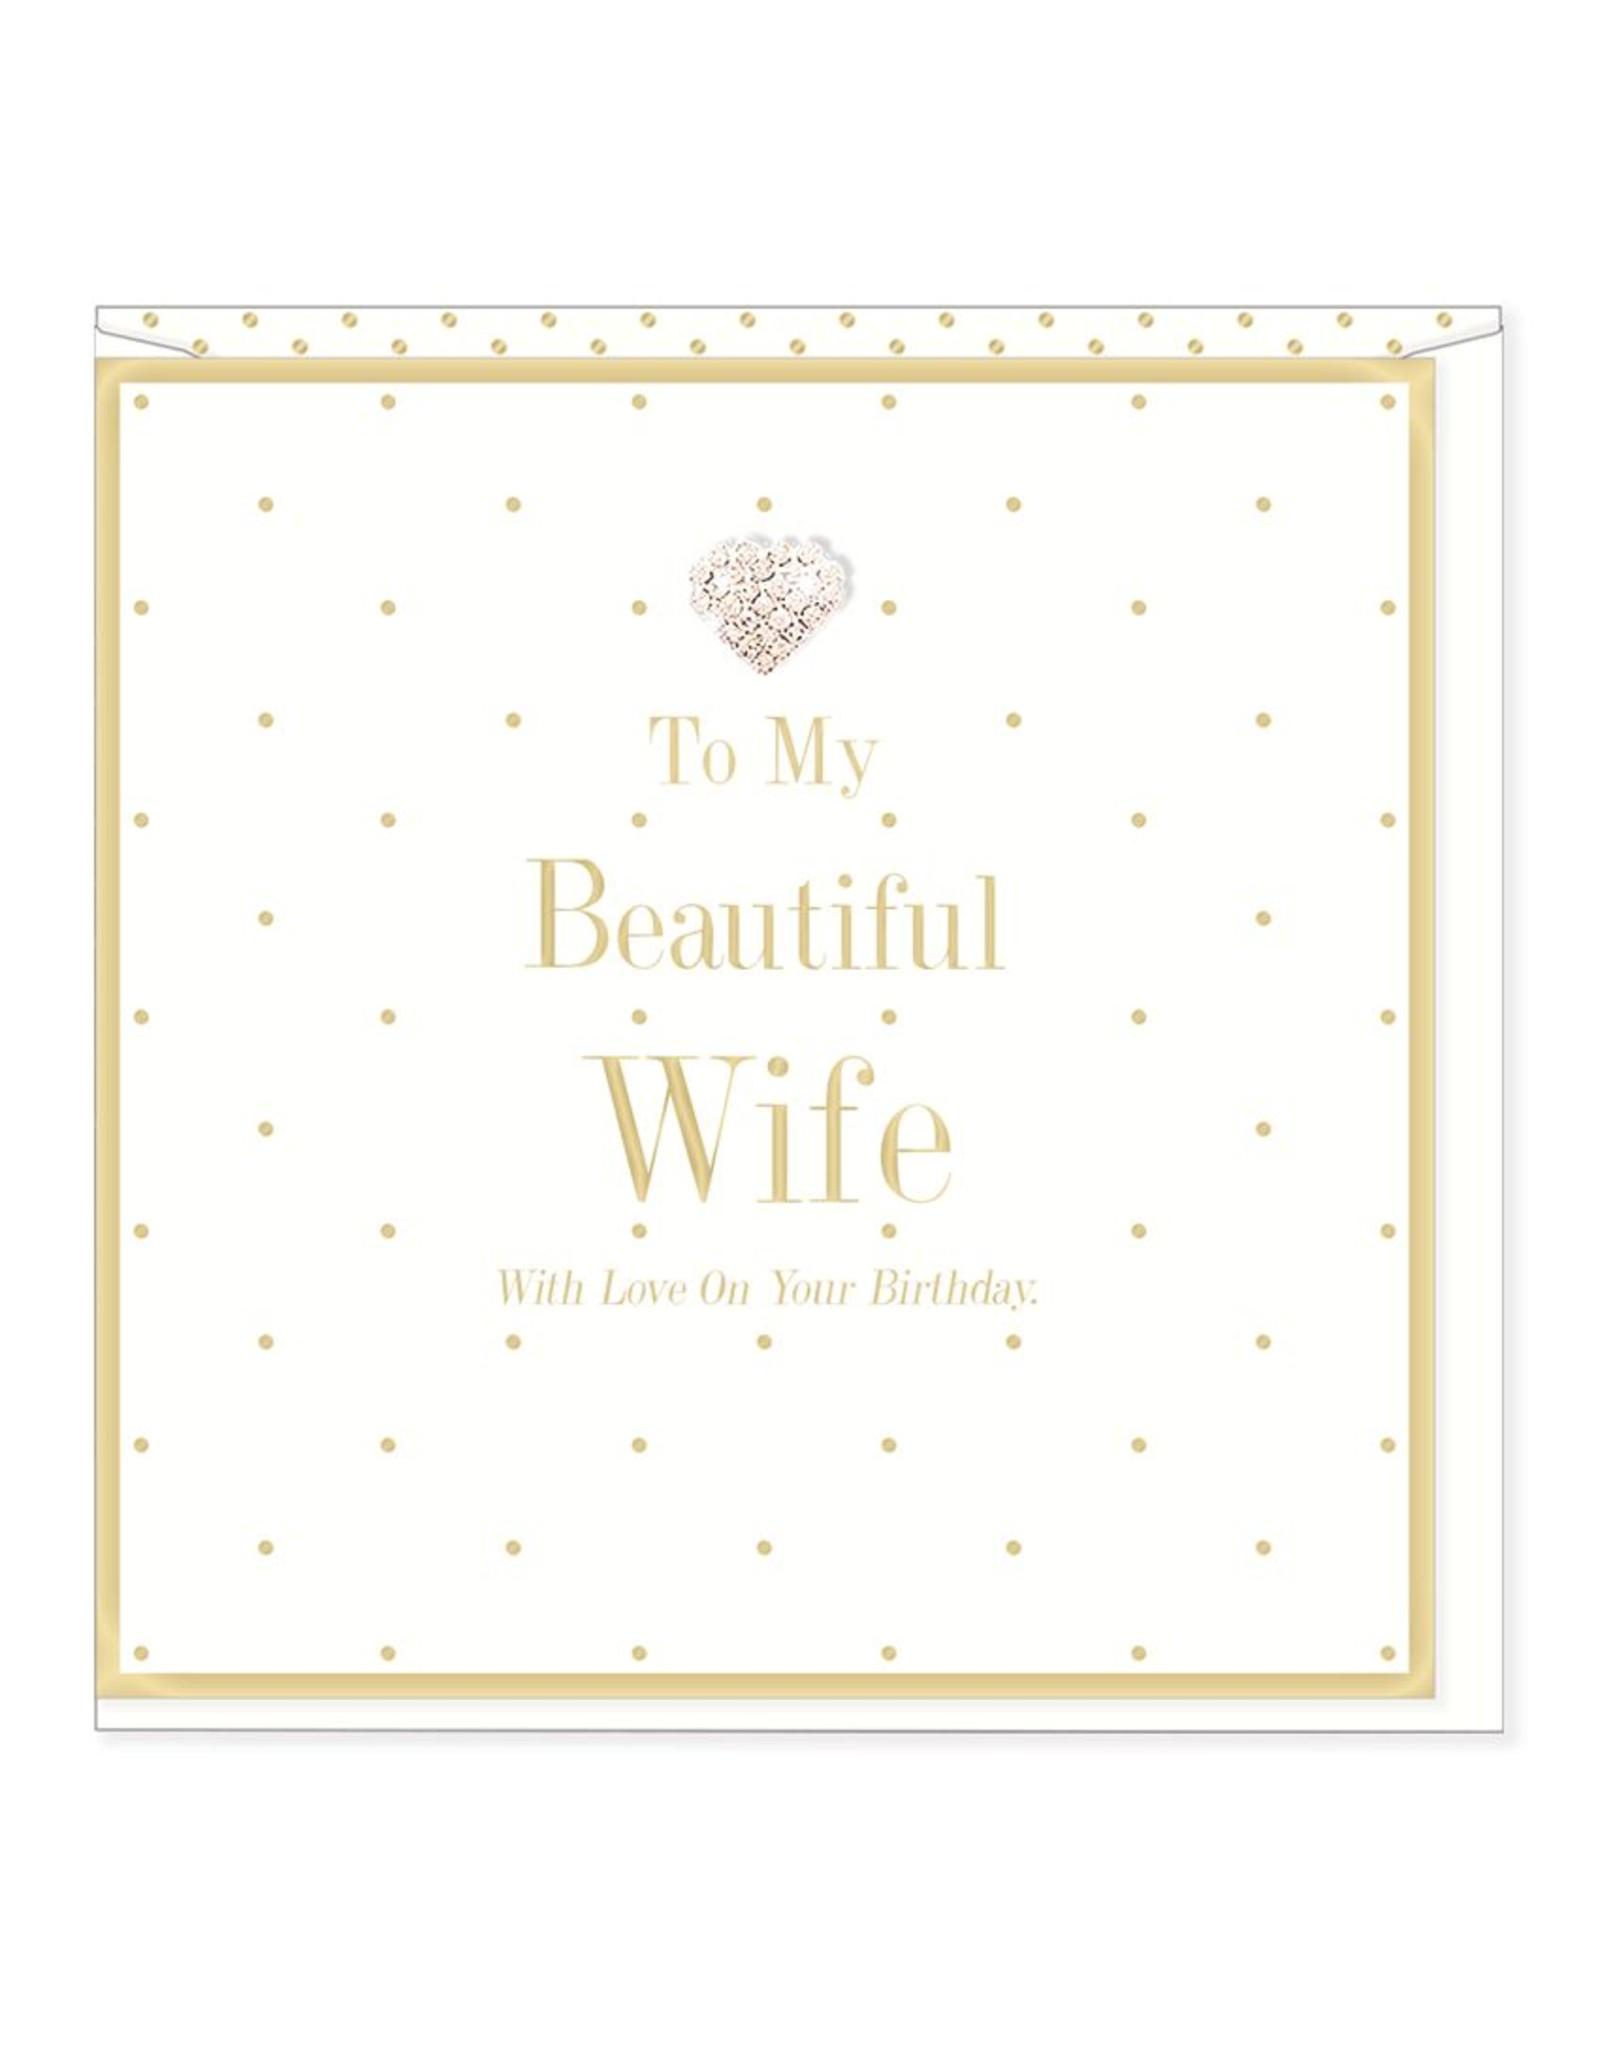 Hearts Design Wenskaart - Beautiful Wife - Birthday